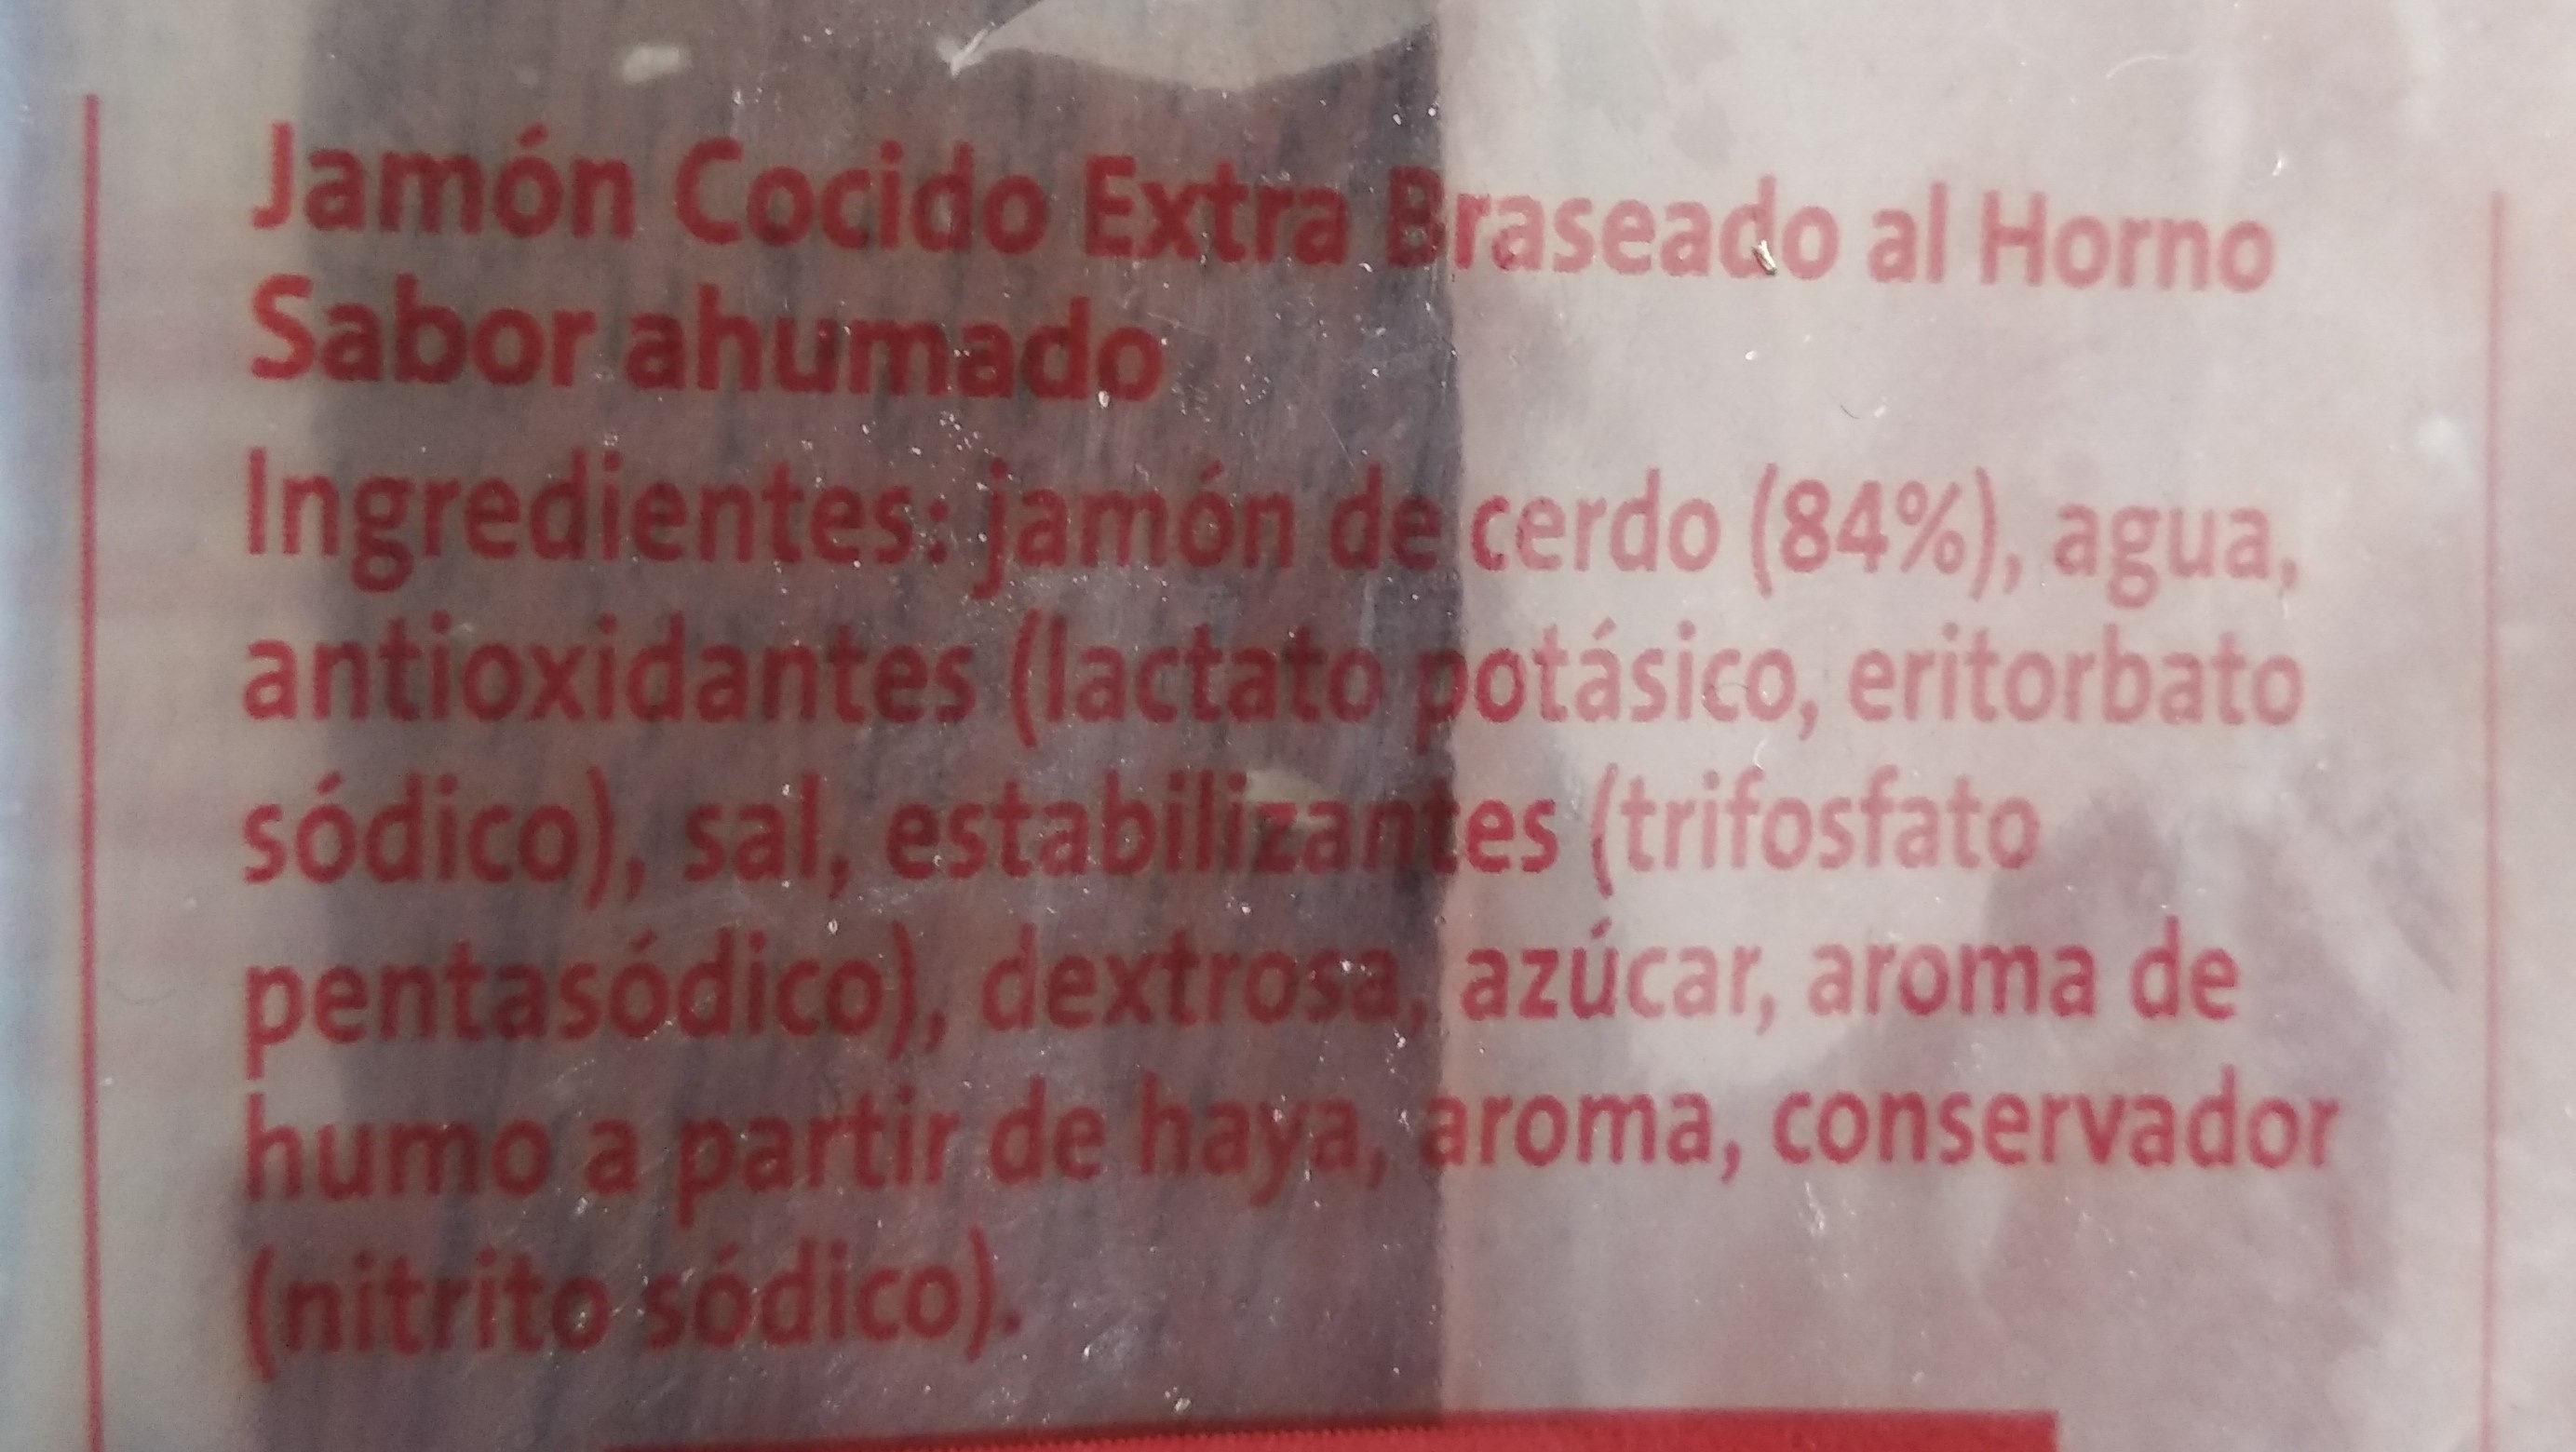 Jamón braseado - Ingredients - es